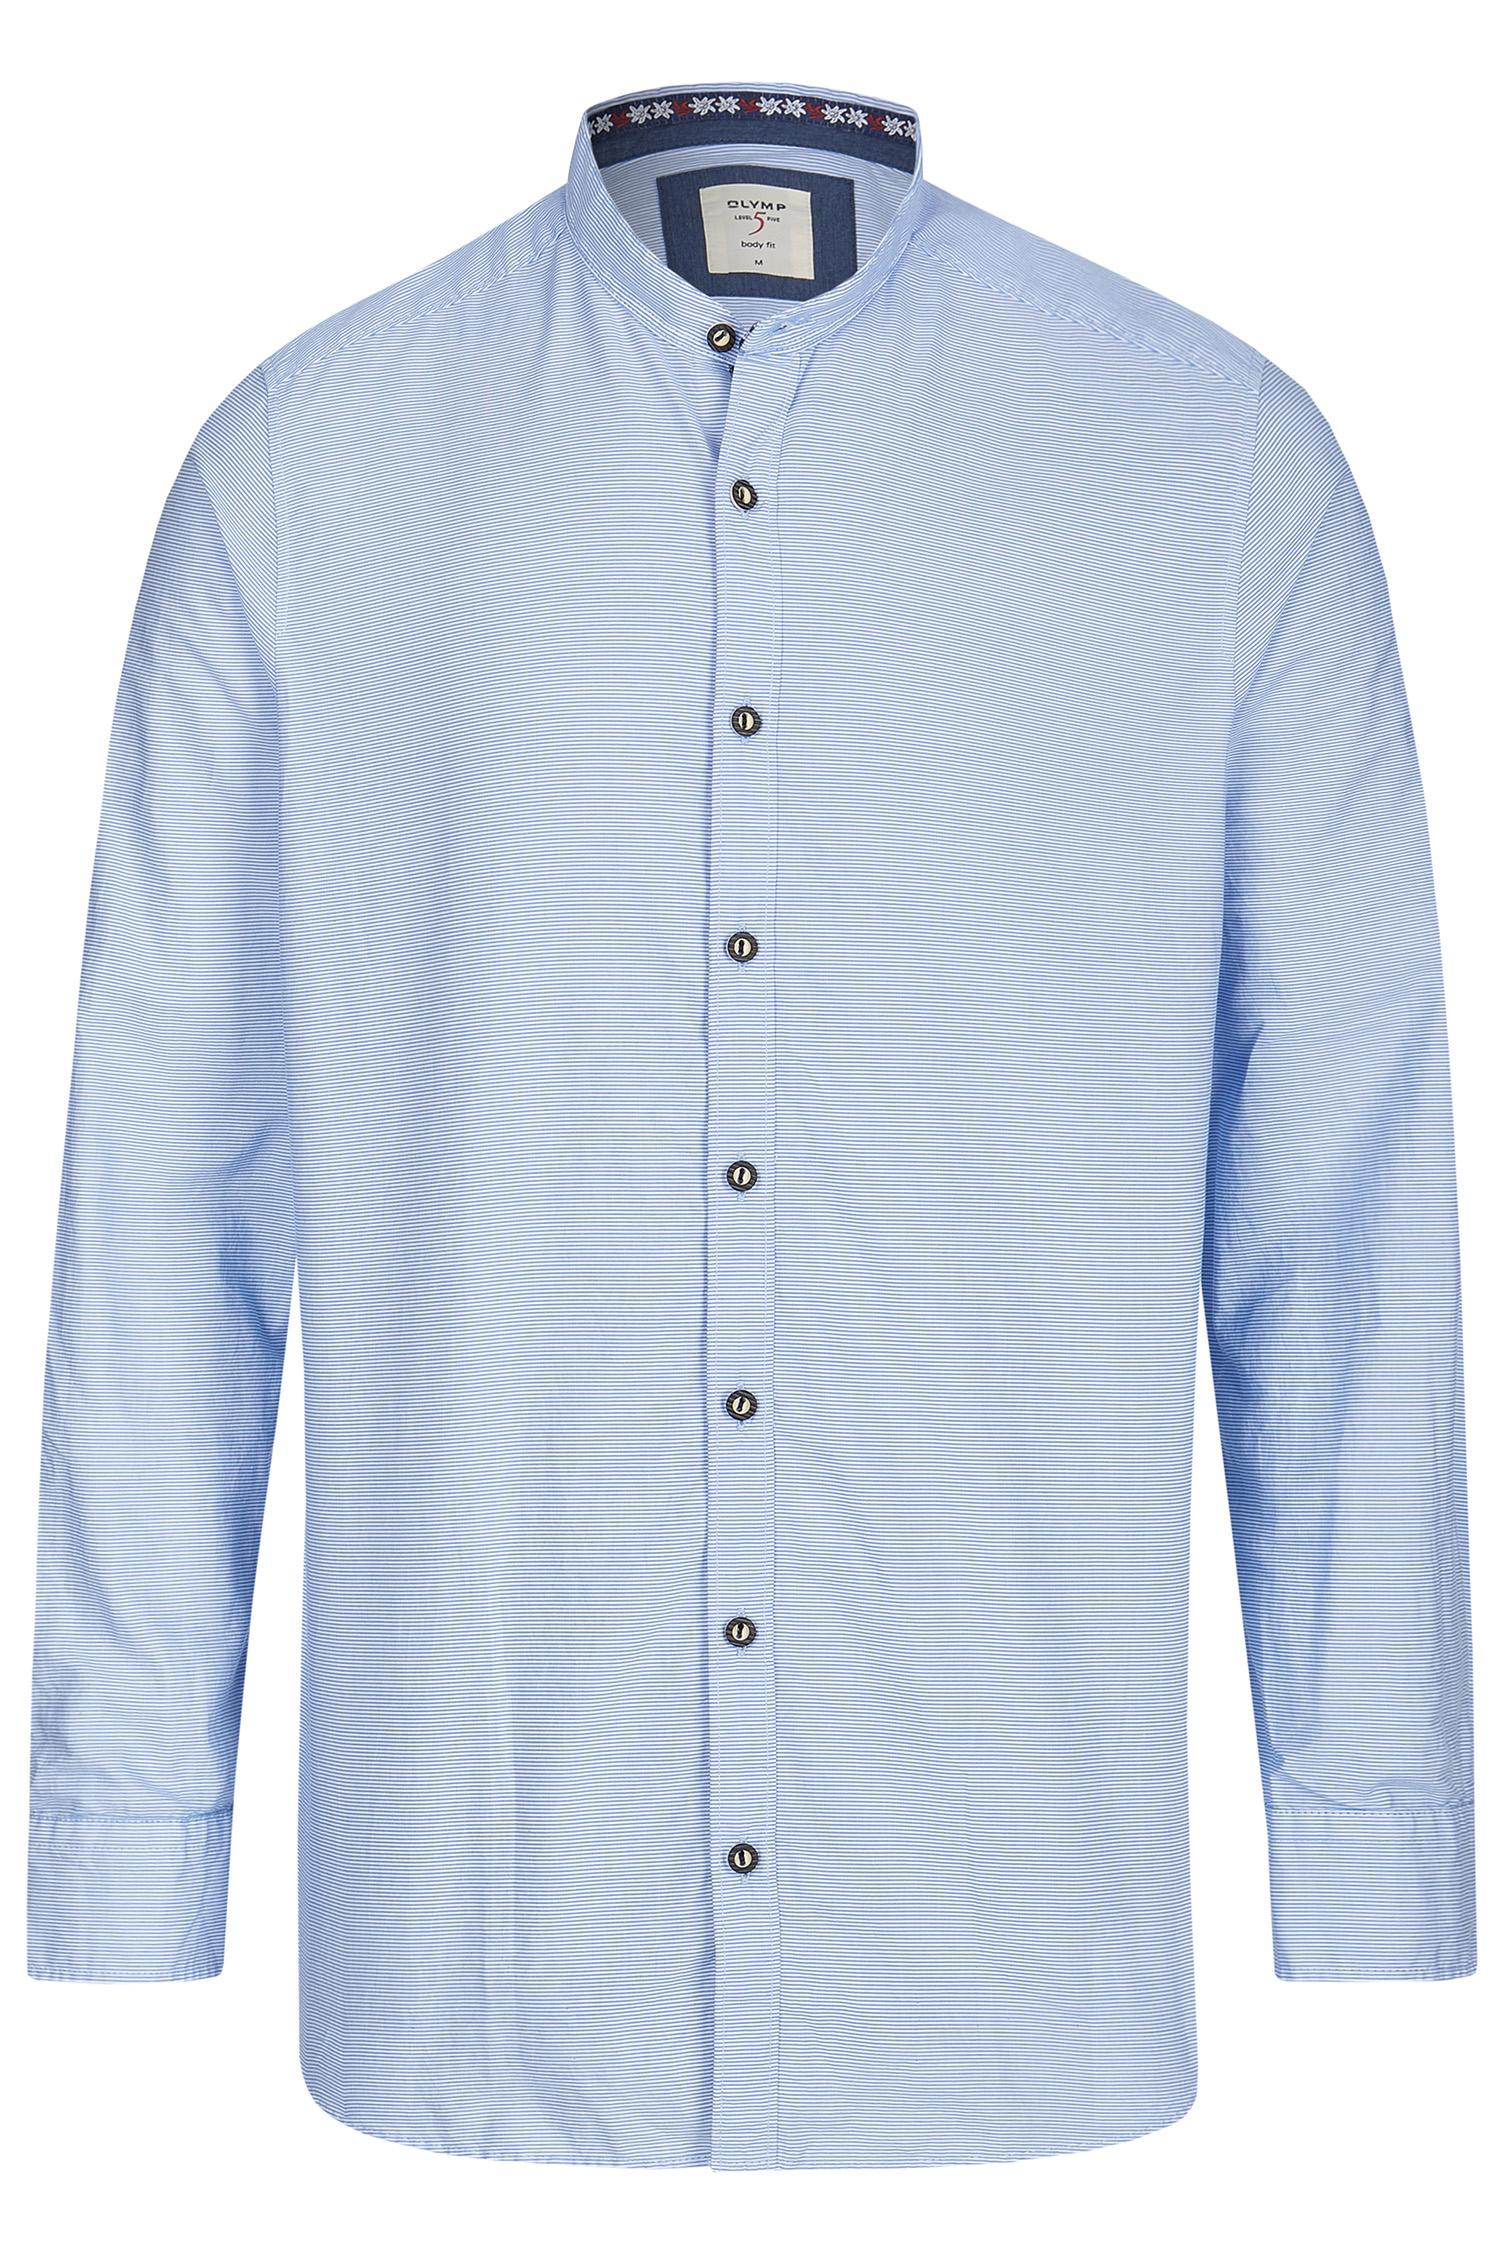 Trachtenhemd Querstreifen S | blau 11